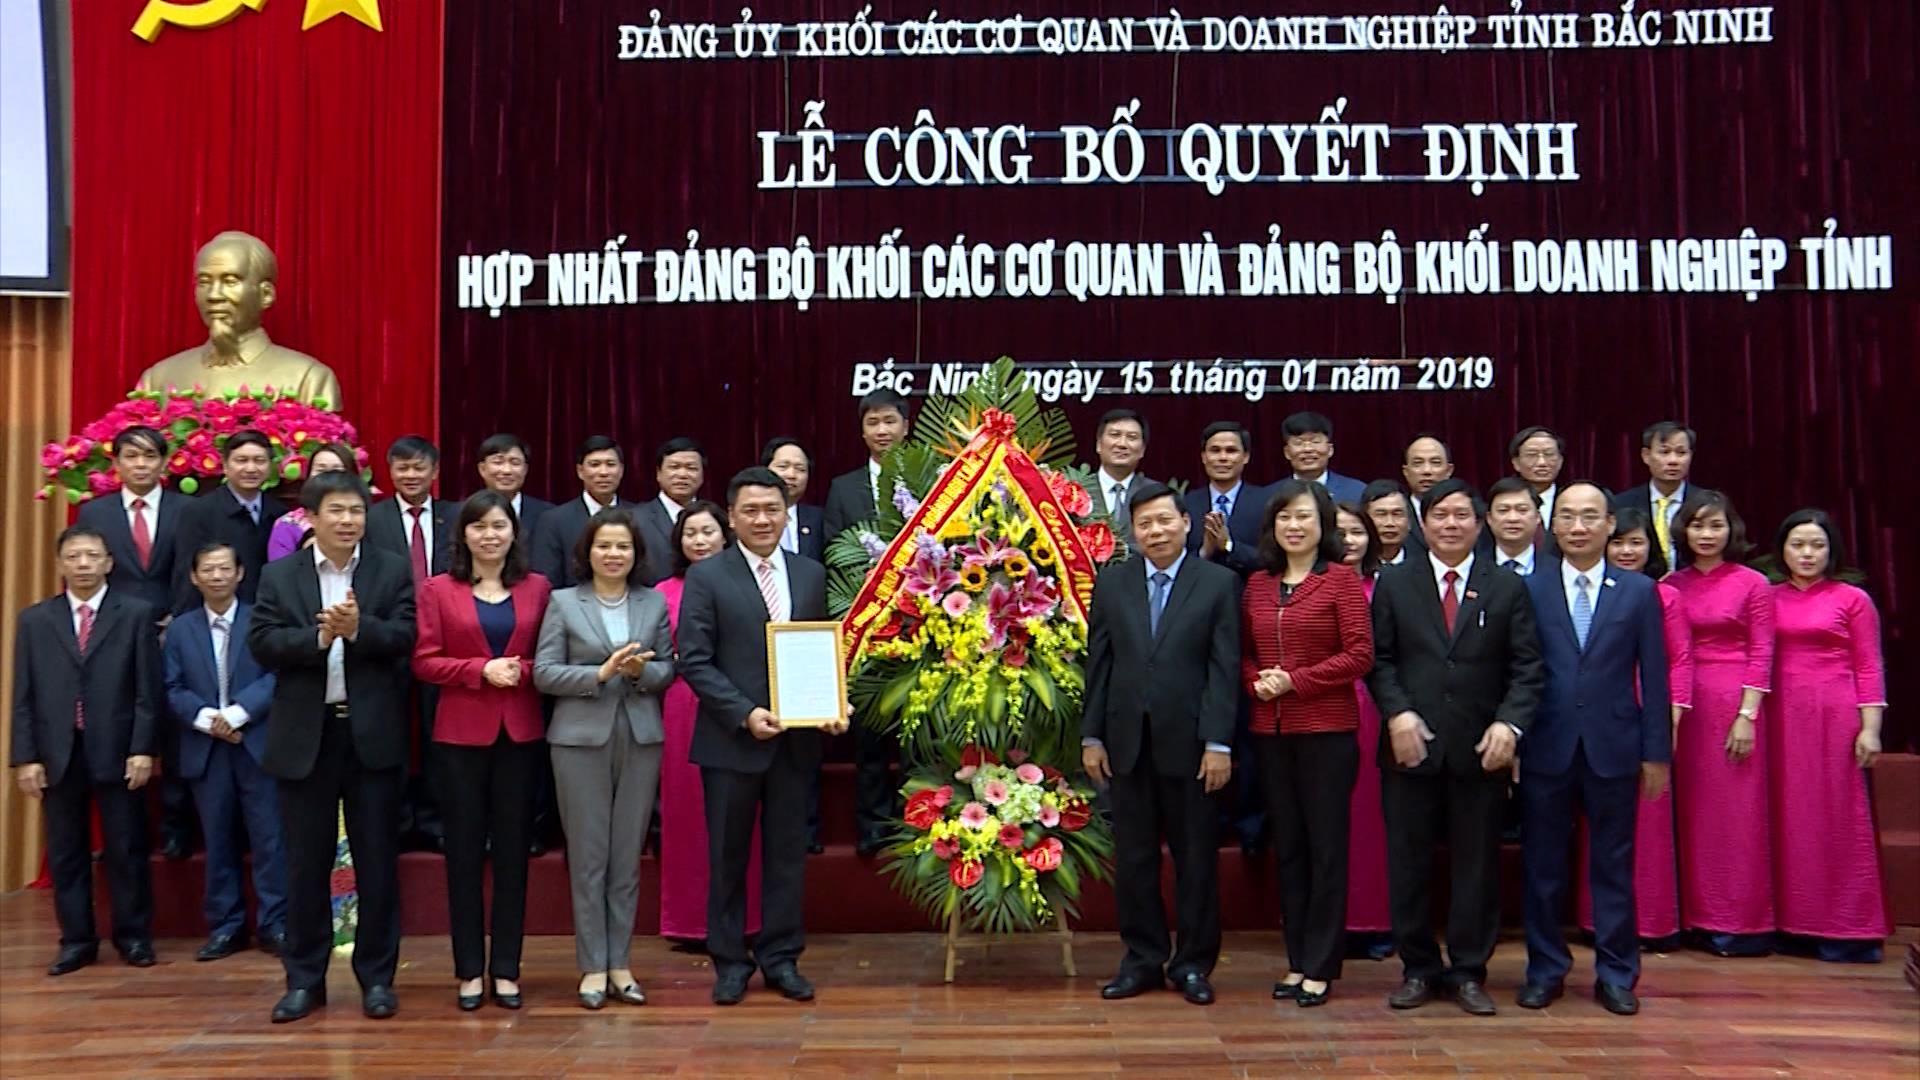 Đảng bộ Khối các cơ quan và Doanh nghiệp tỉnh Đoàn kết – Đổi mới – Hợp nhất và Phát triển